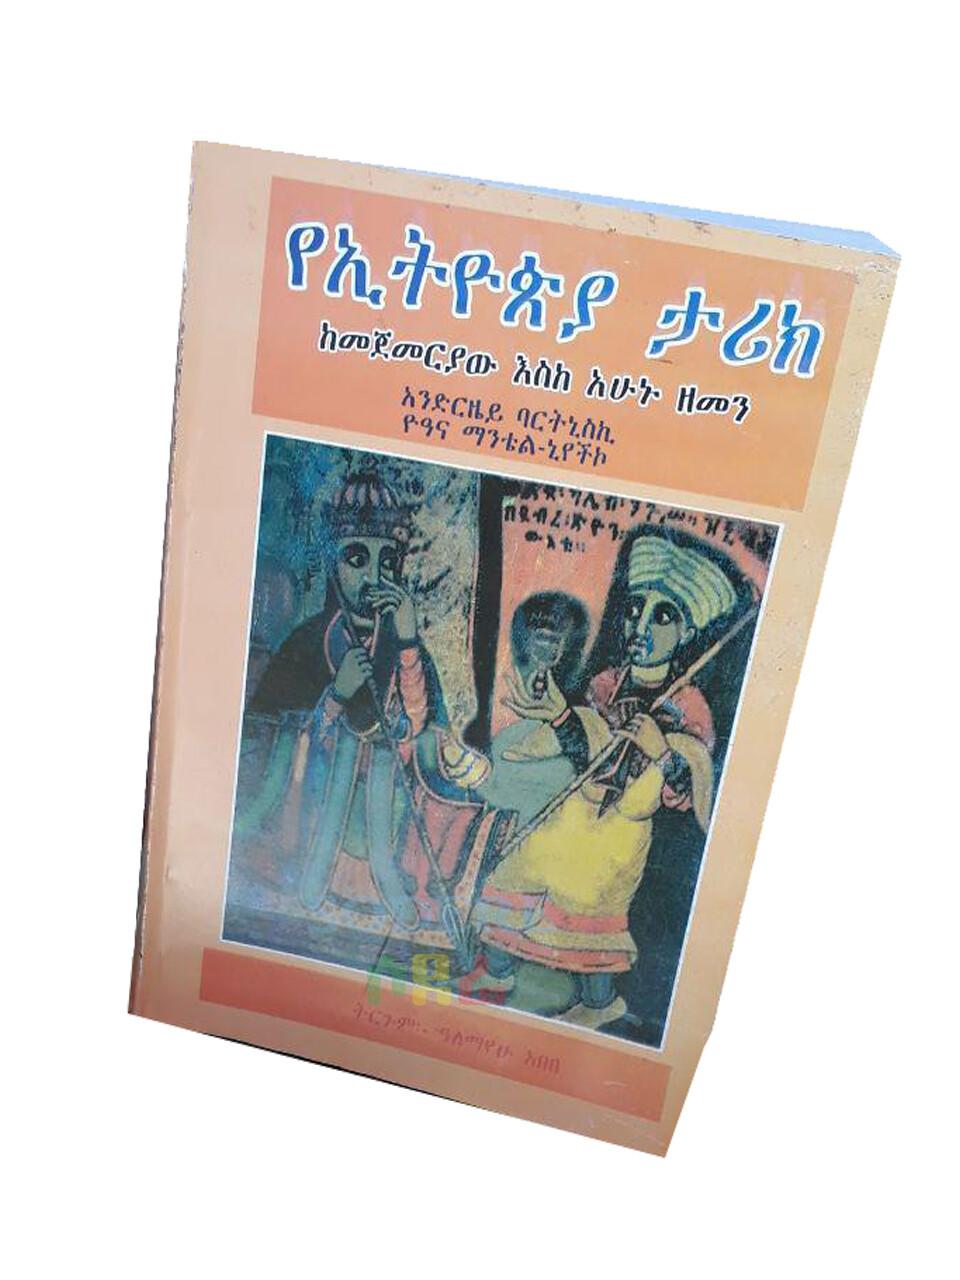 የኢትዮጵያ ታሪክ  ከመጀመሪያው እስከ አሁኑ ዘመን The History of Ethiopia From The Beginning to Now / Translated By Alemayehu Abebe